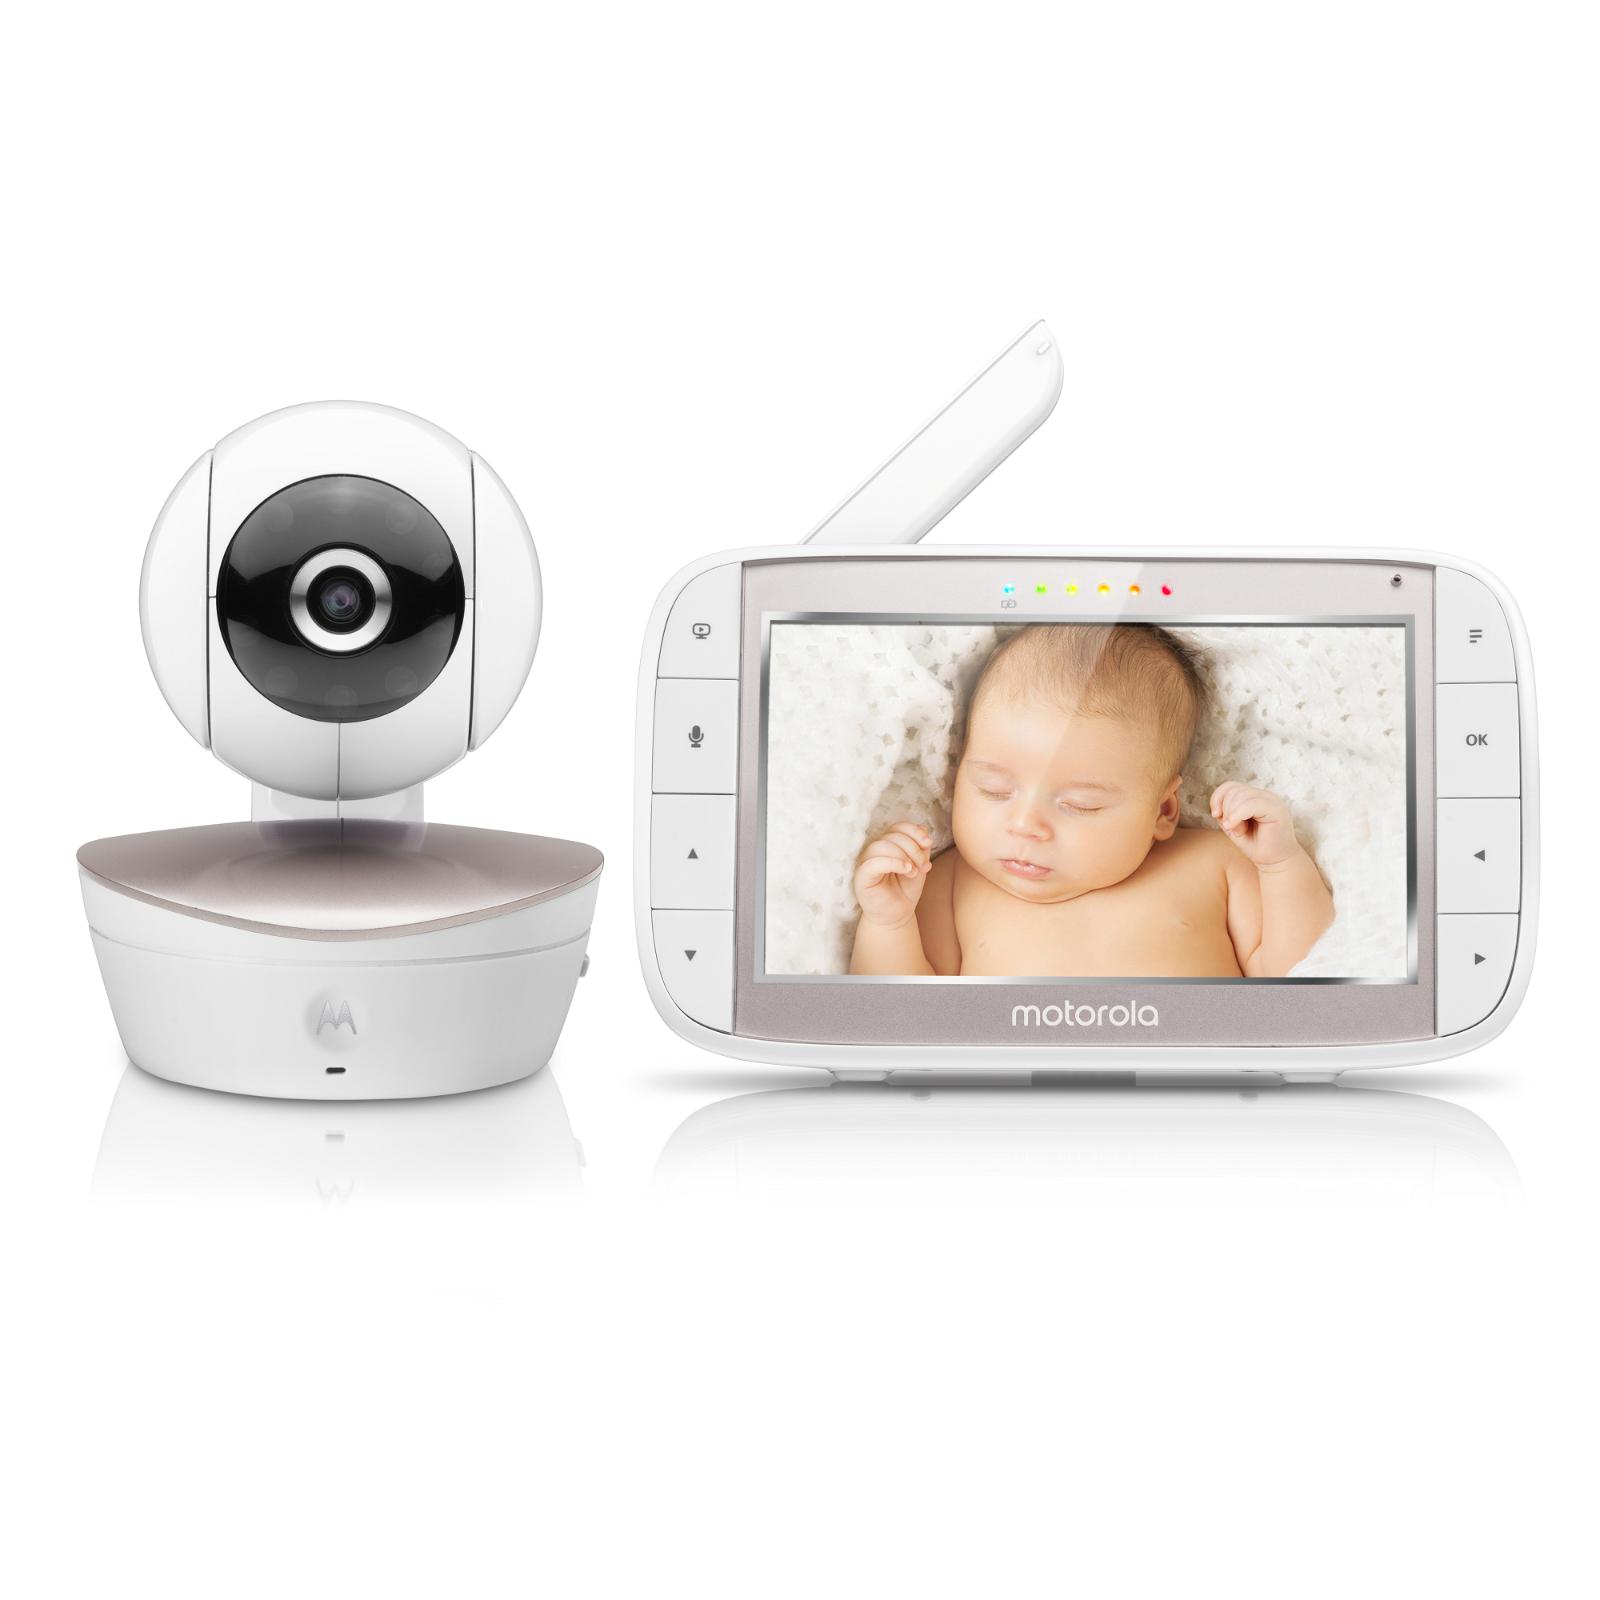 Motorola MBP49 Baby Monitor £89.99 ebay / foniacs